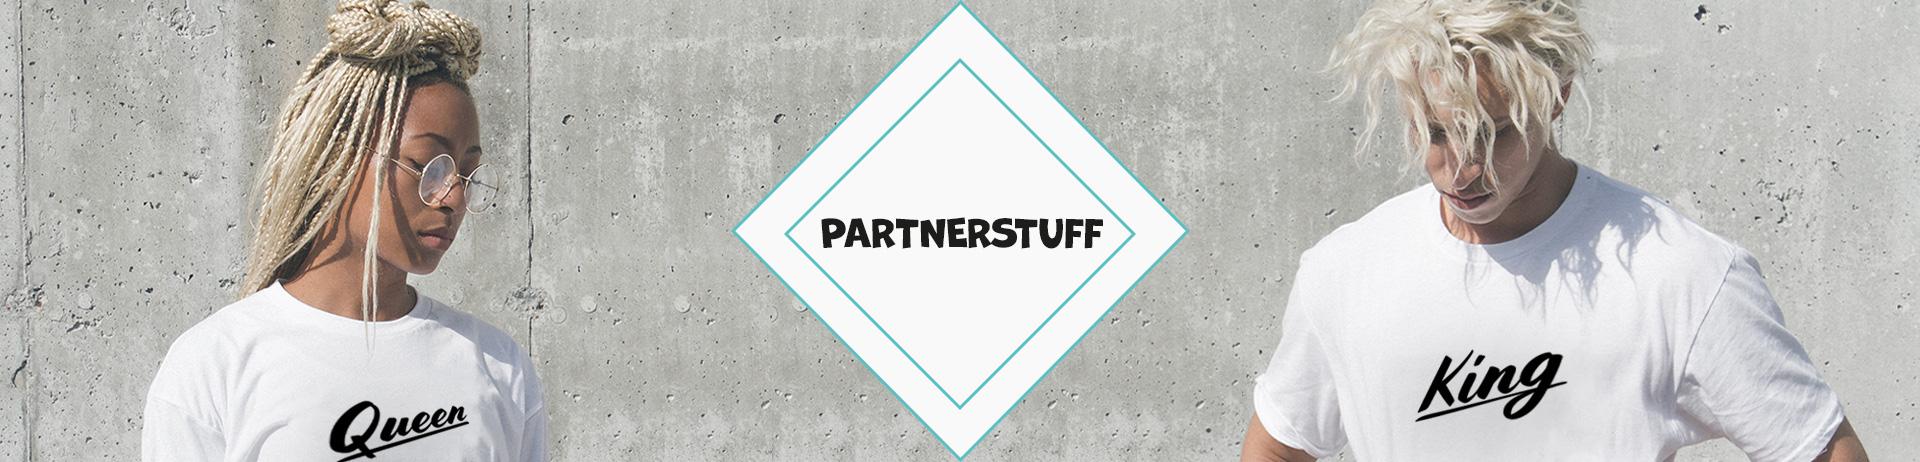 Pärchen Shirt - Partnerstuff Shirts | Damen